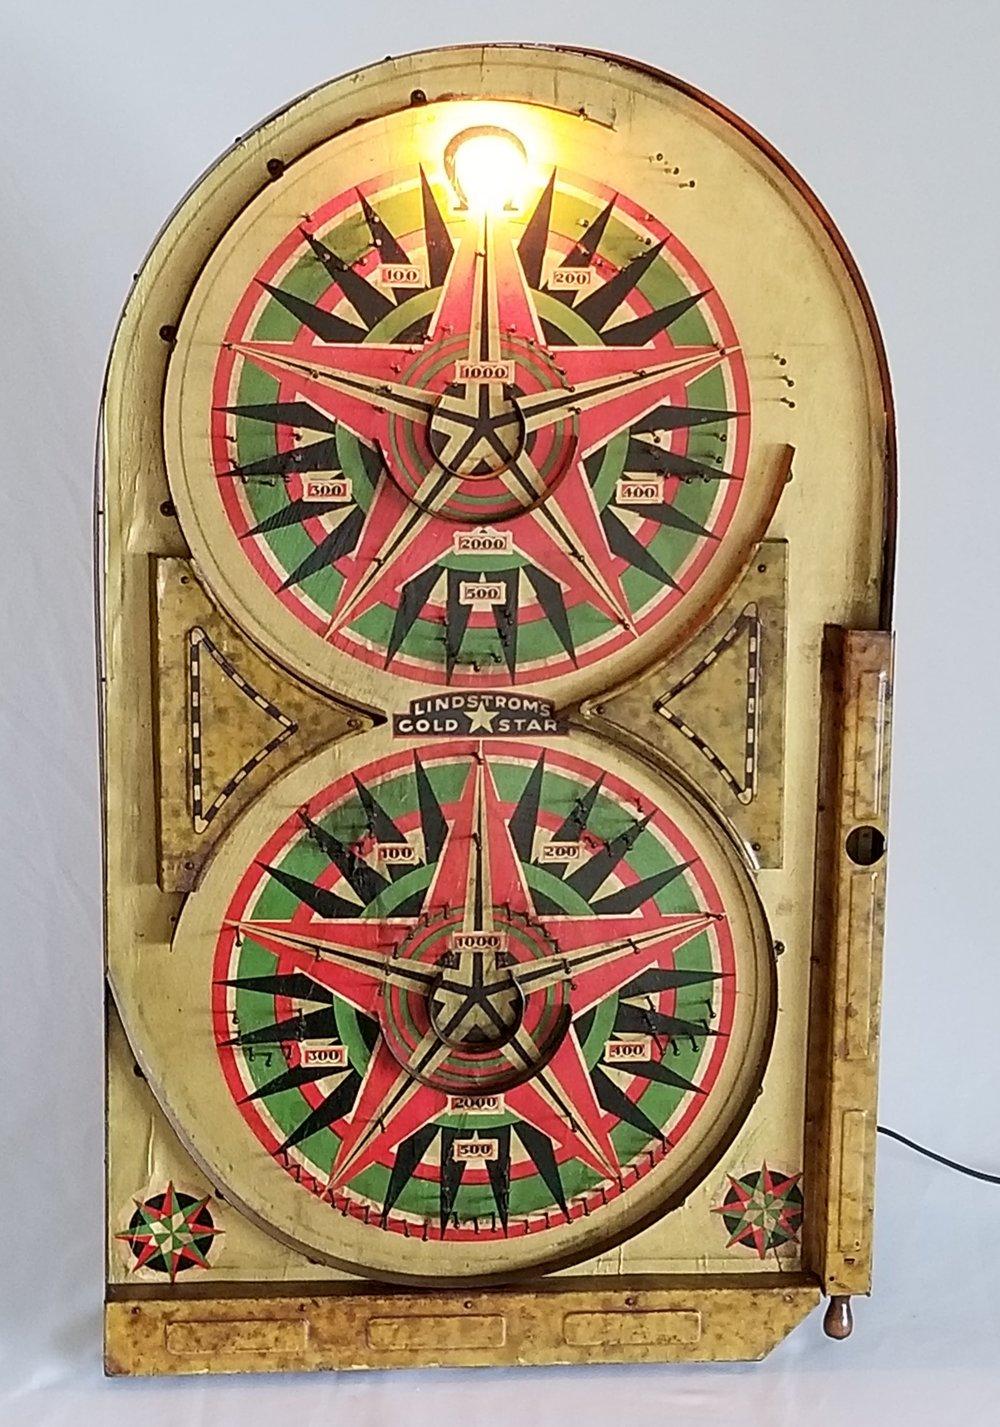 Vintage Pinball Game Light